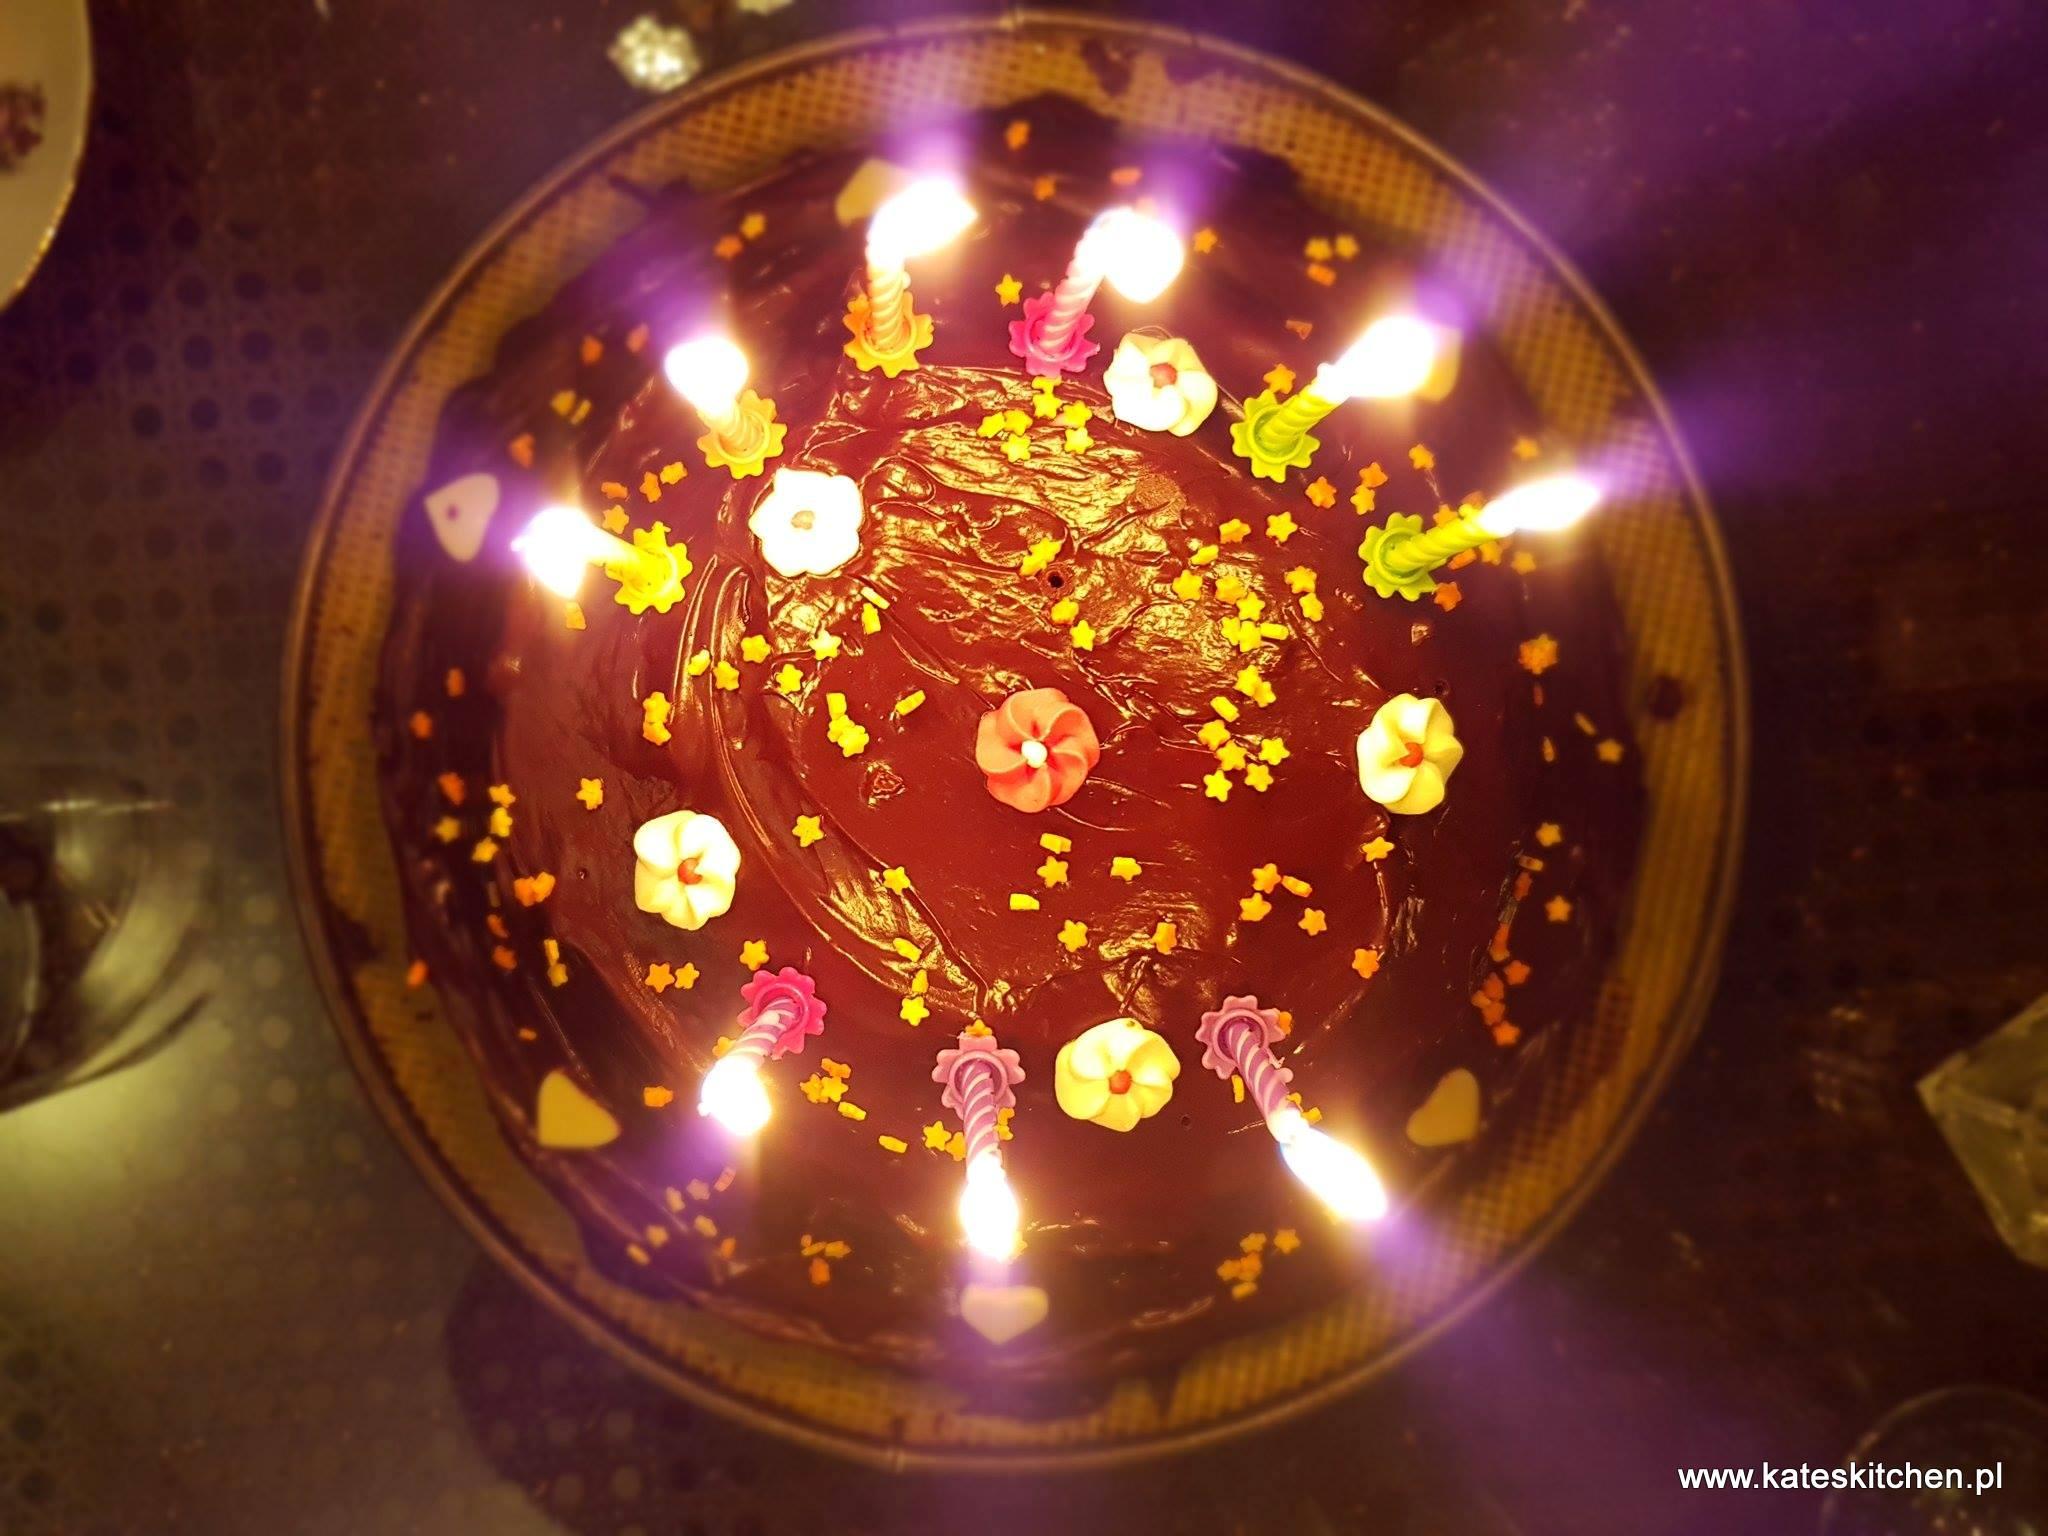 15215710 10207845711964296 716633362 o - Urodziny, urodziny i turboczekoladowy tort - felieton